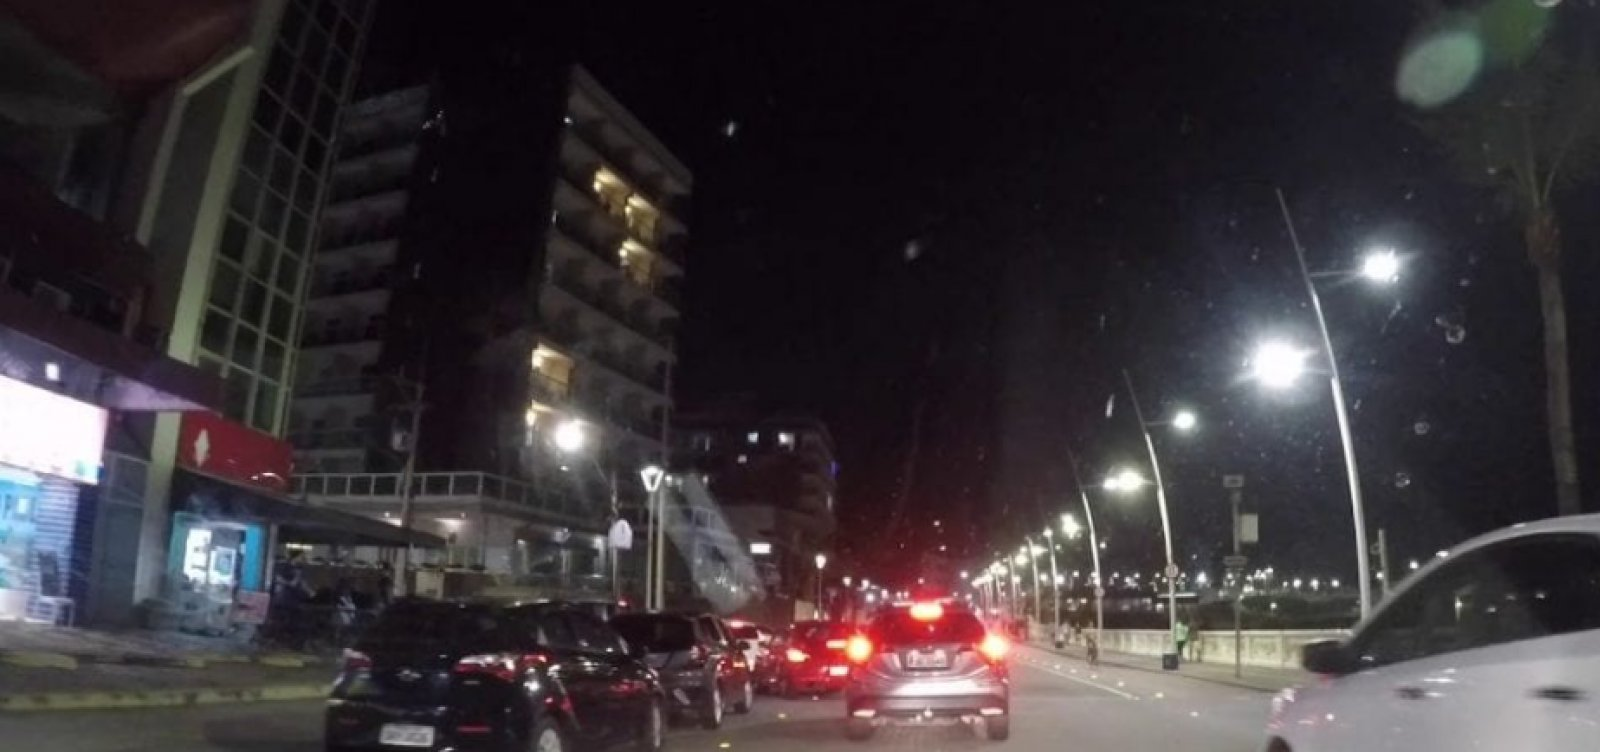 Chuva de dinheiro: notas de R$ 50 e R$ 100 são jogadas de cobertura de hotel na Barra; veja